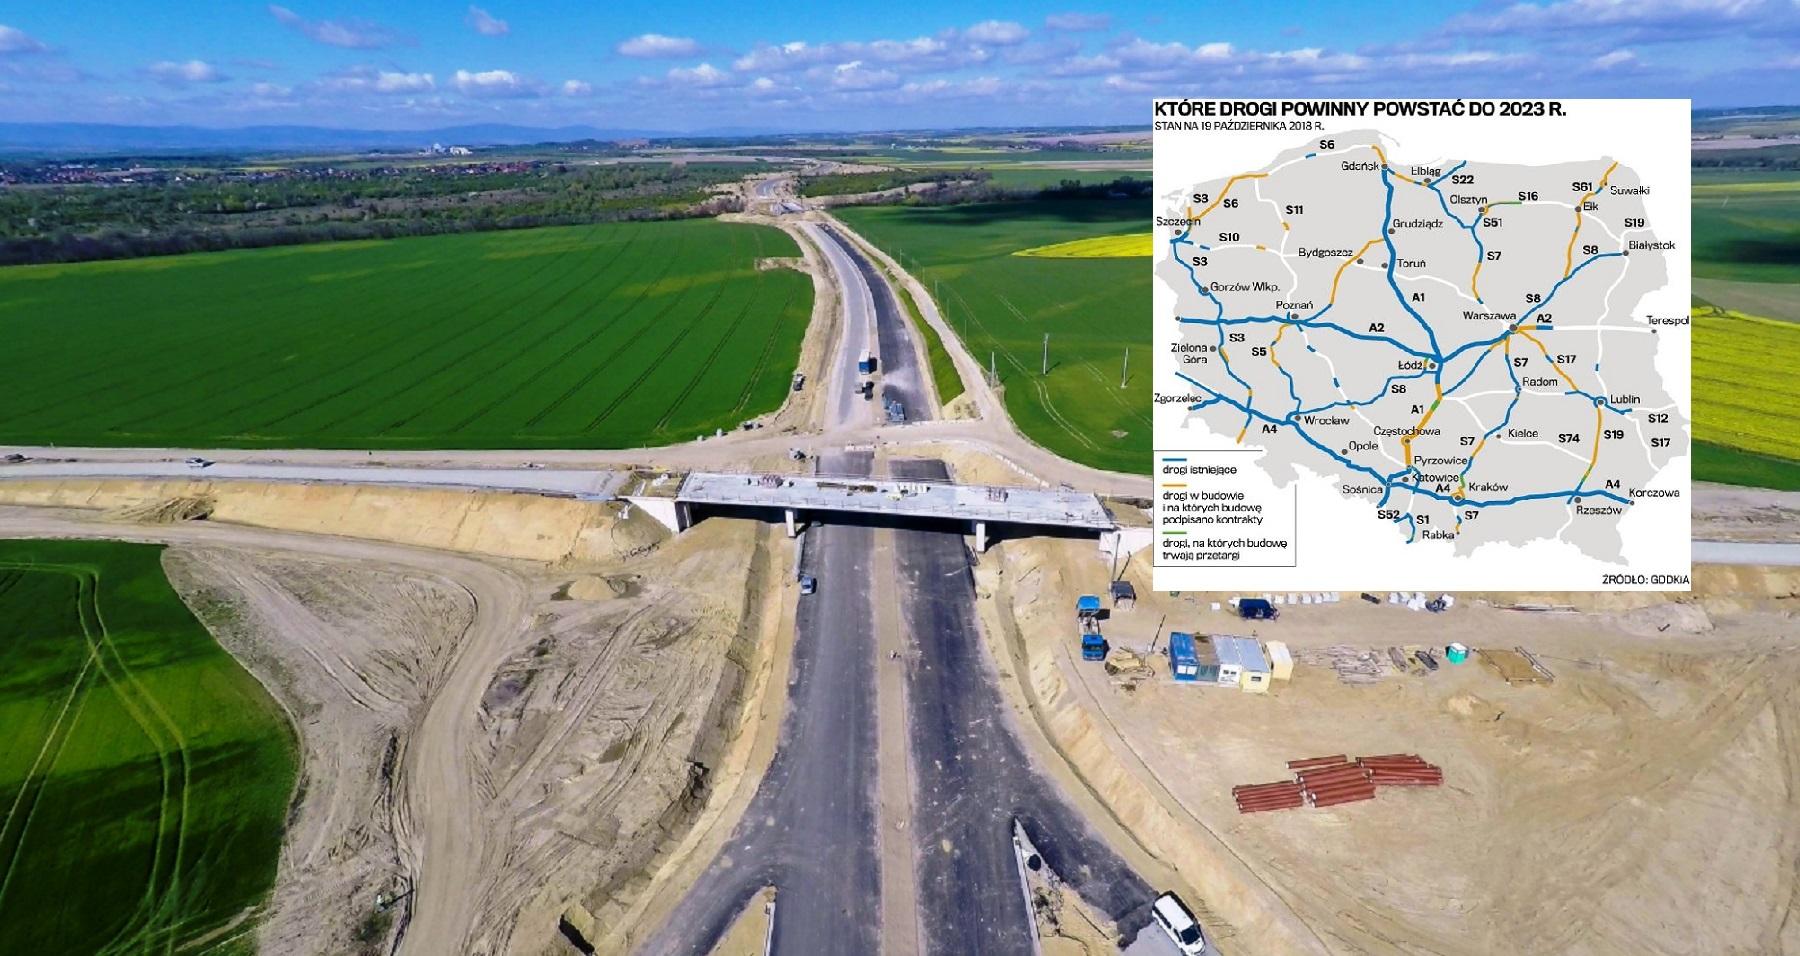 Półmetek rządowego programu budowy dróg. Co powstanie do 2023?